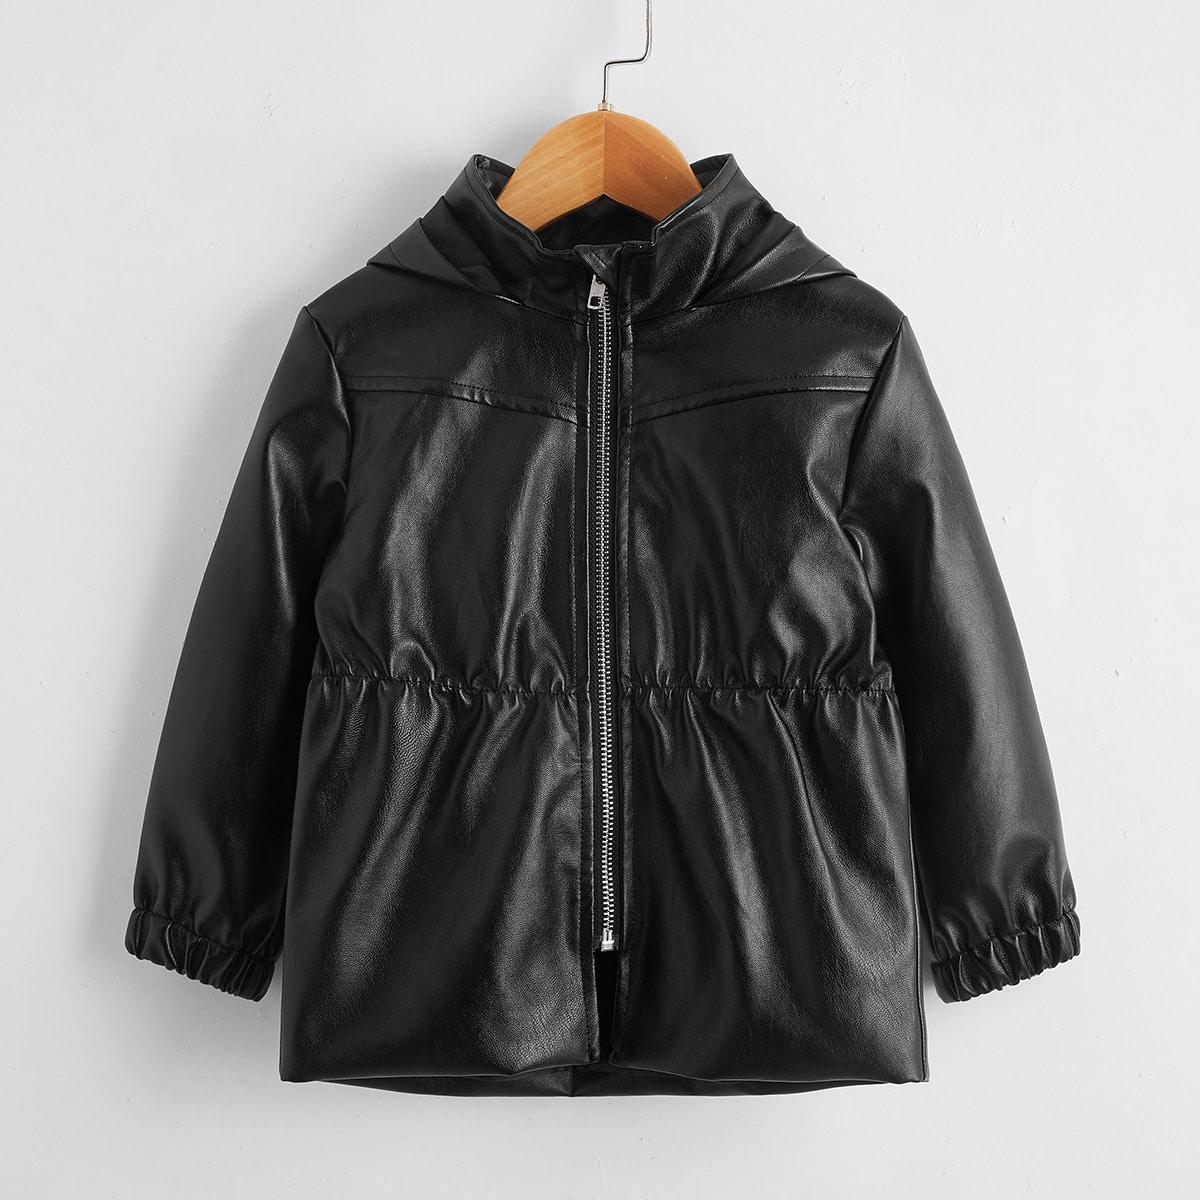 Пальто из искусственной кожи на молнии для девочек